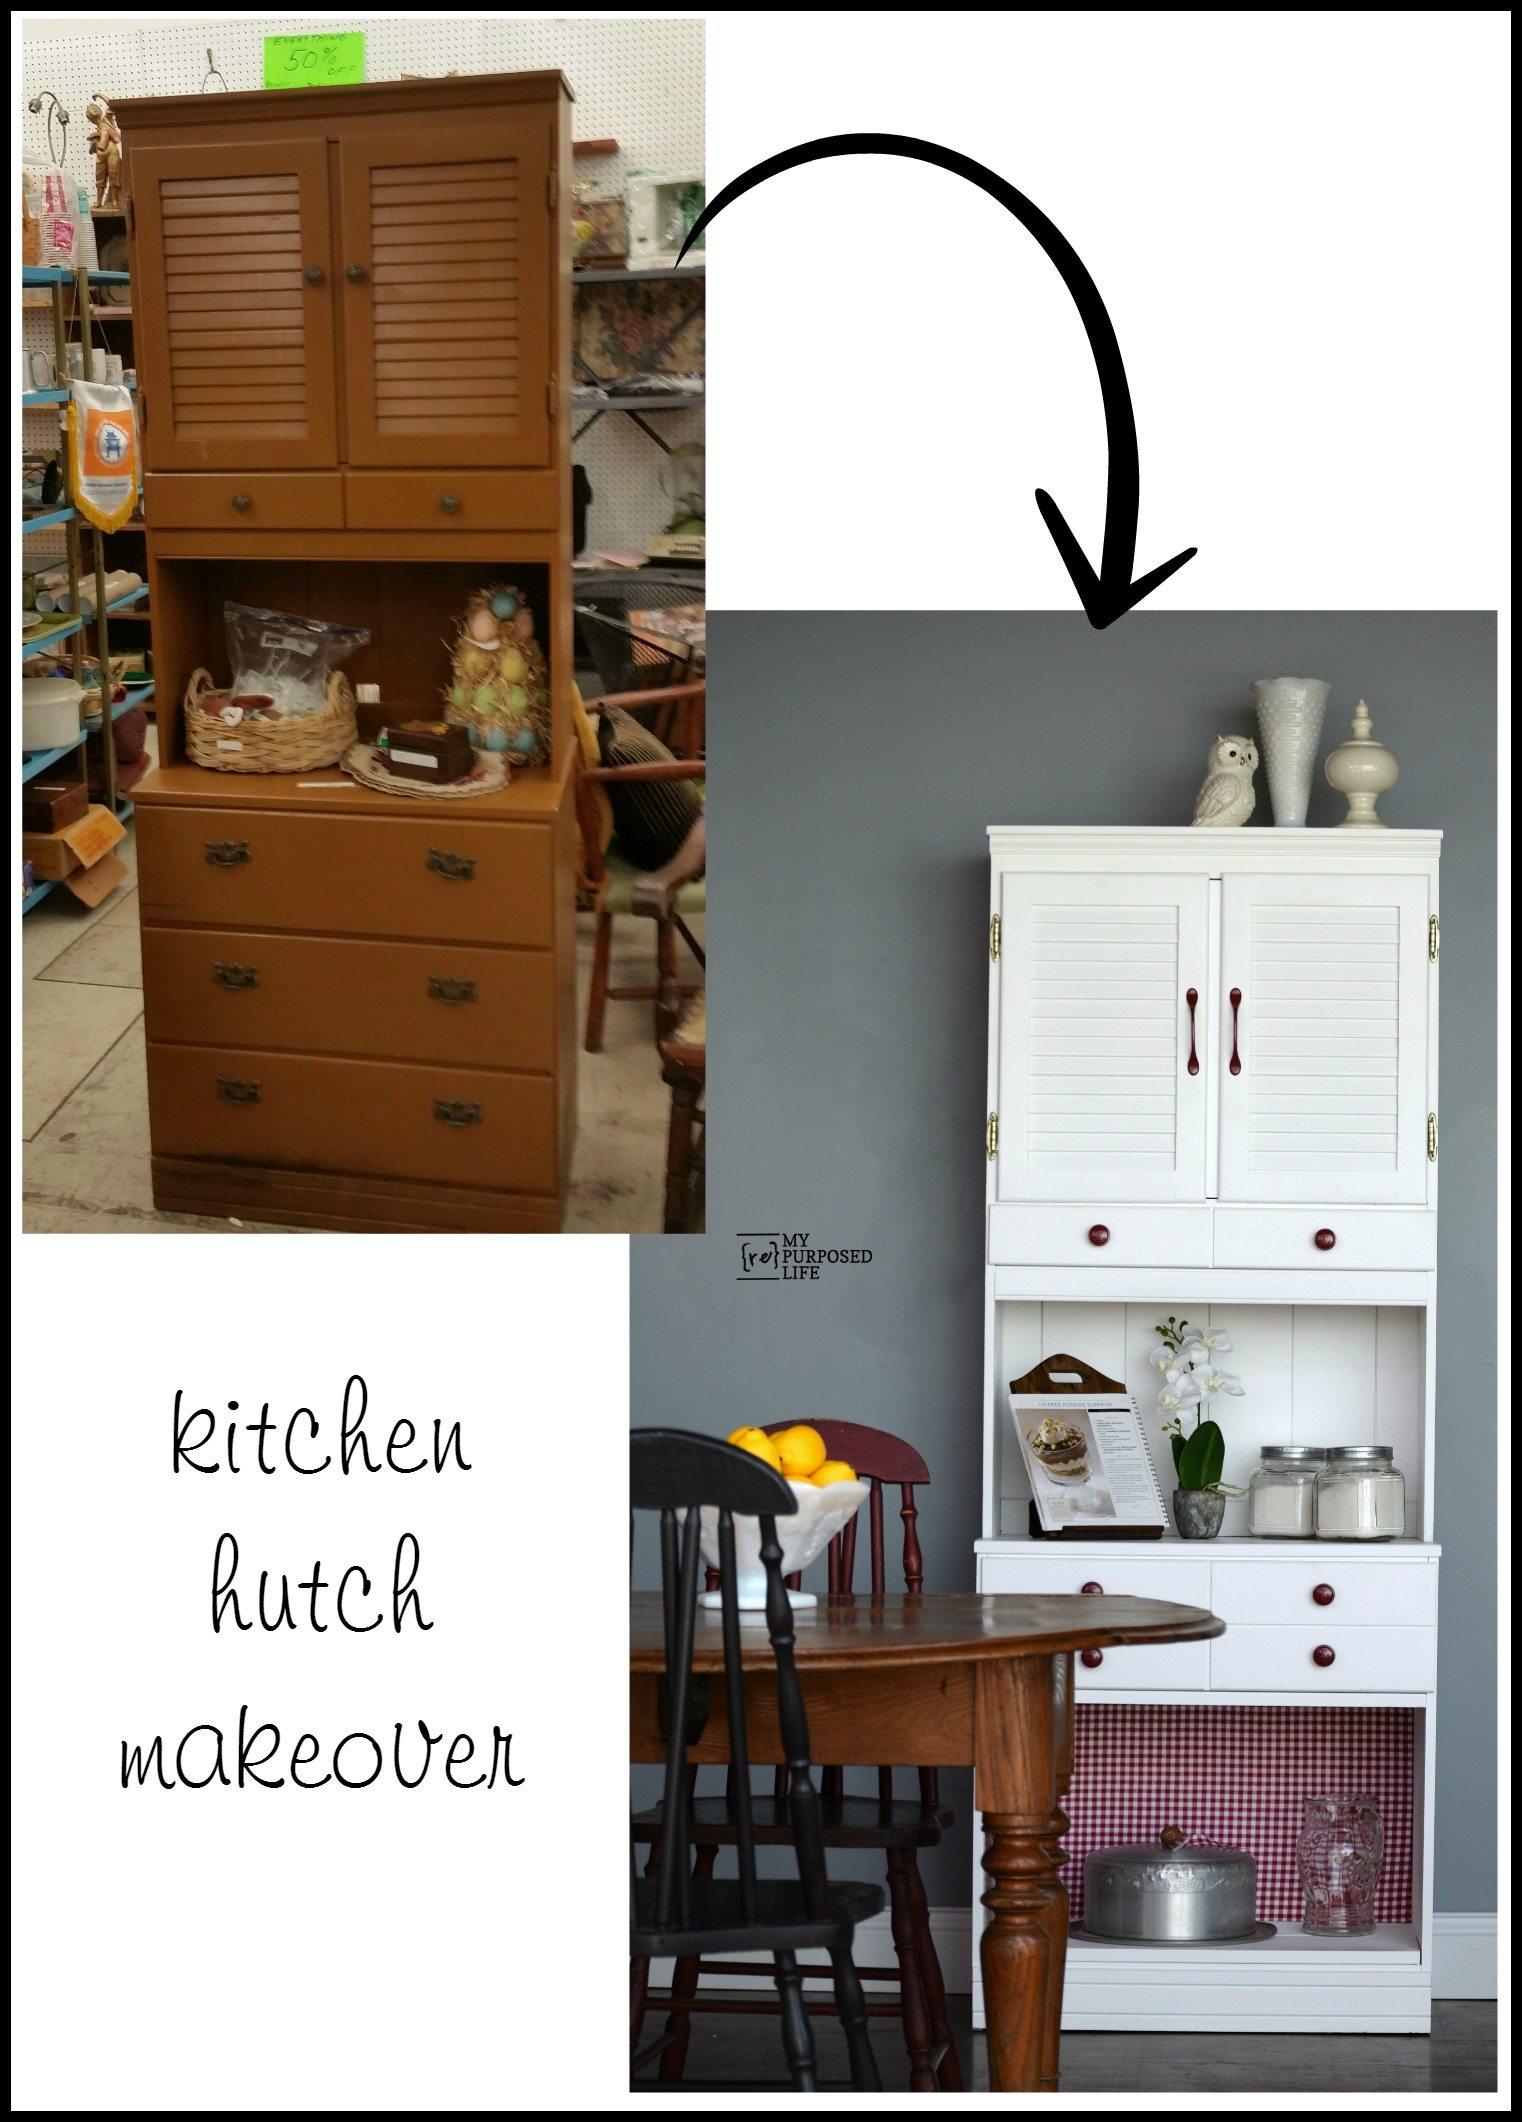 white kitchen hutch MyRepurposedLife.com